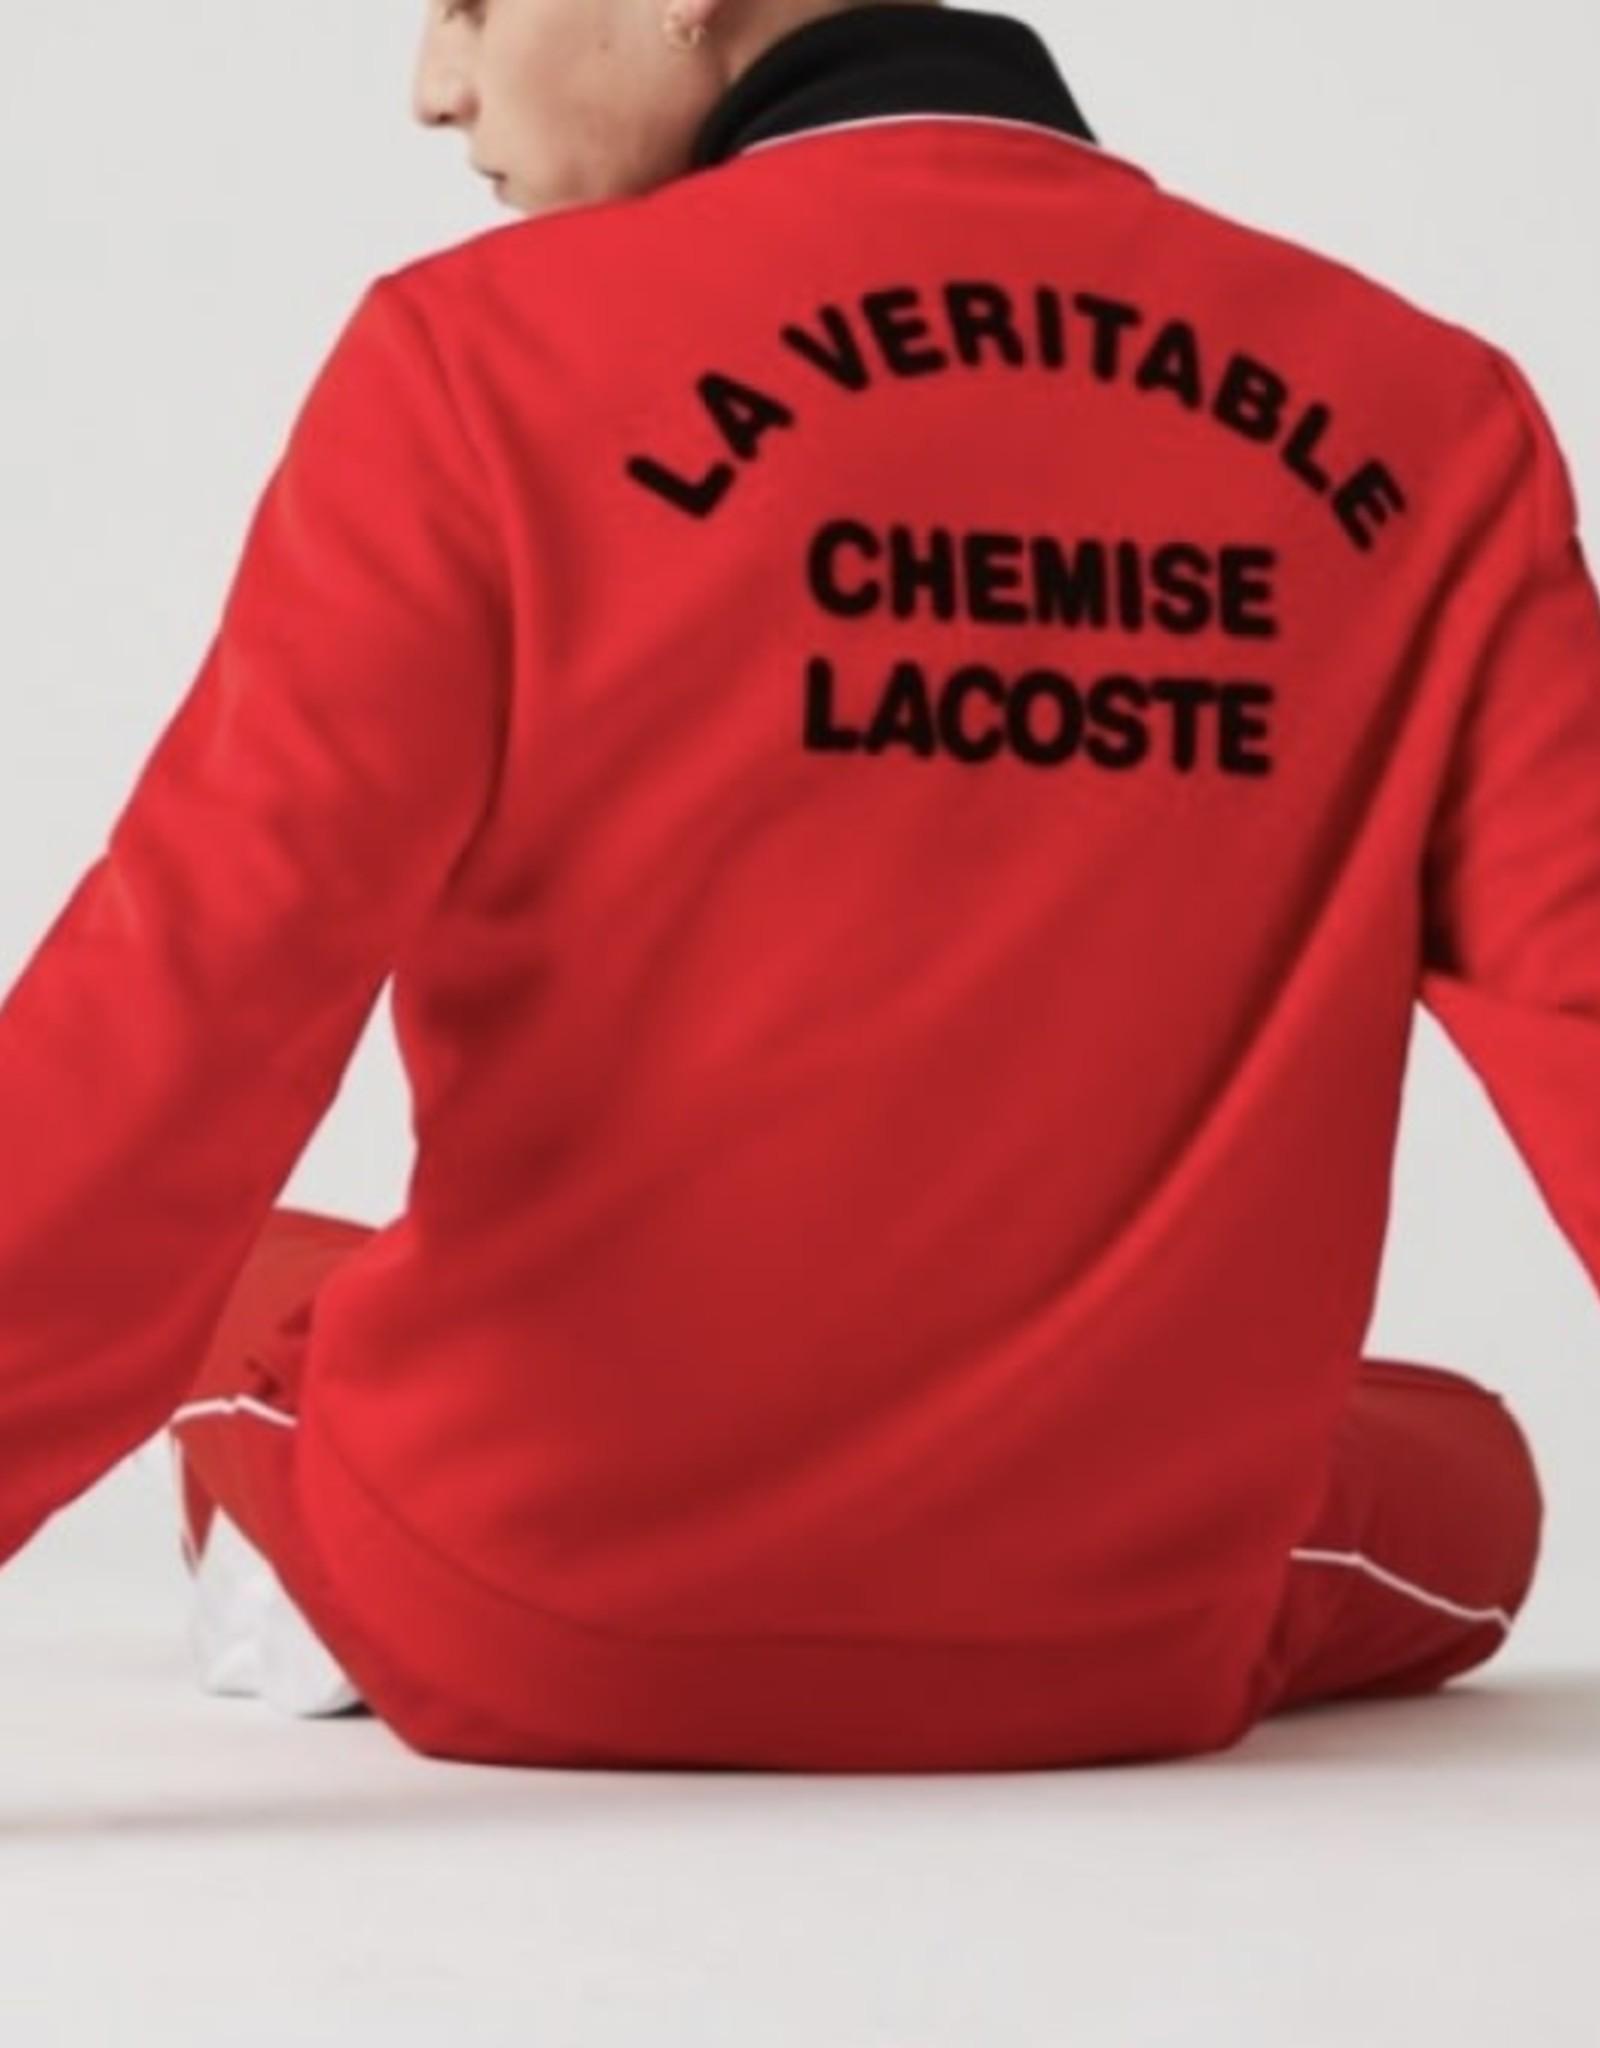 Lacoste L LA VERITABLE VESTE LACOSTE